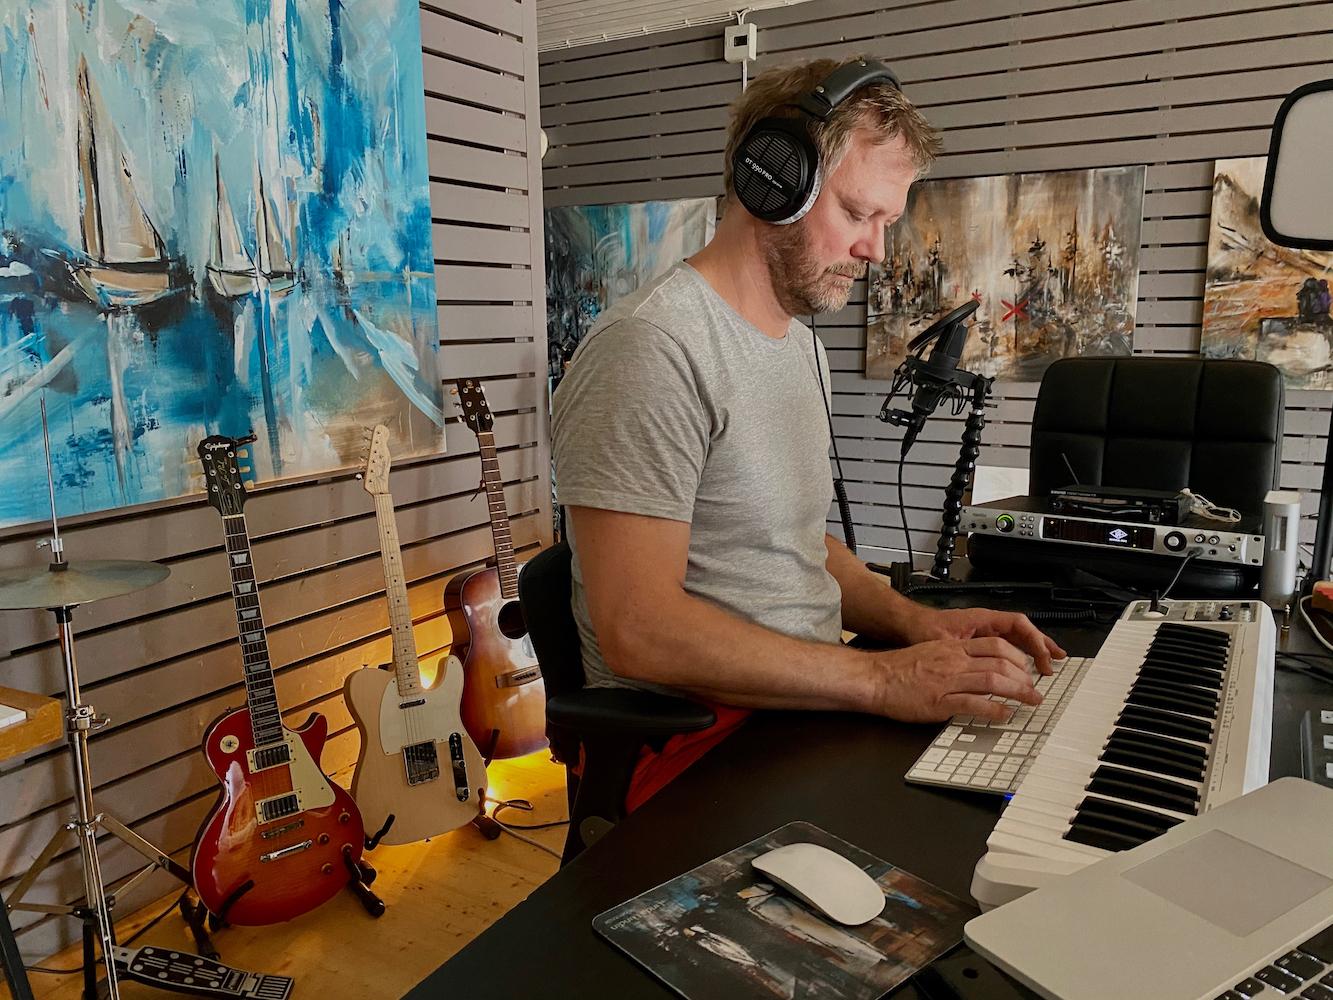 Sång & musikinspelning & mix - heldag (ca 8h)